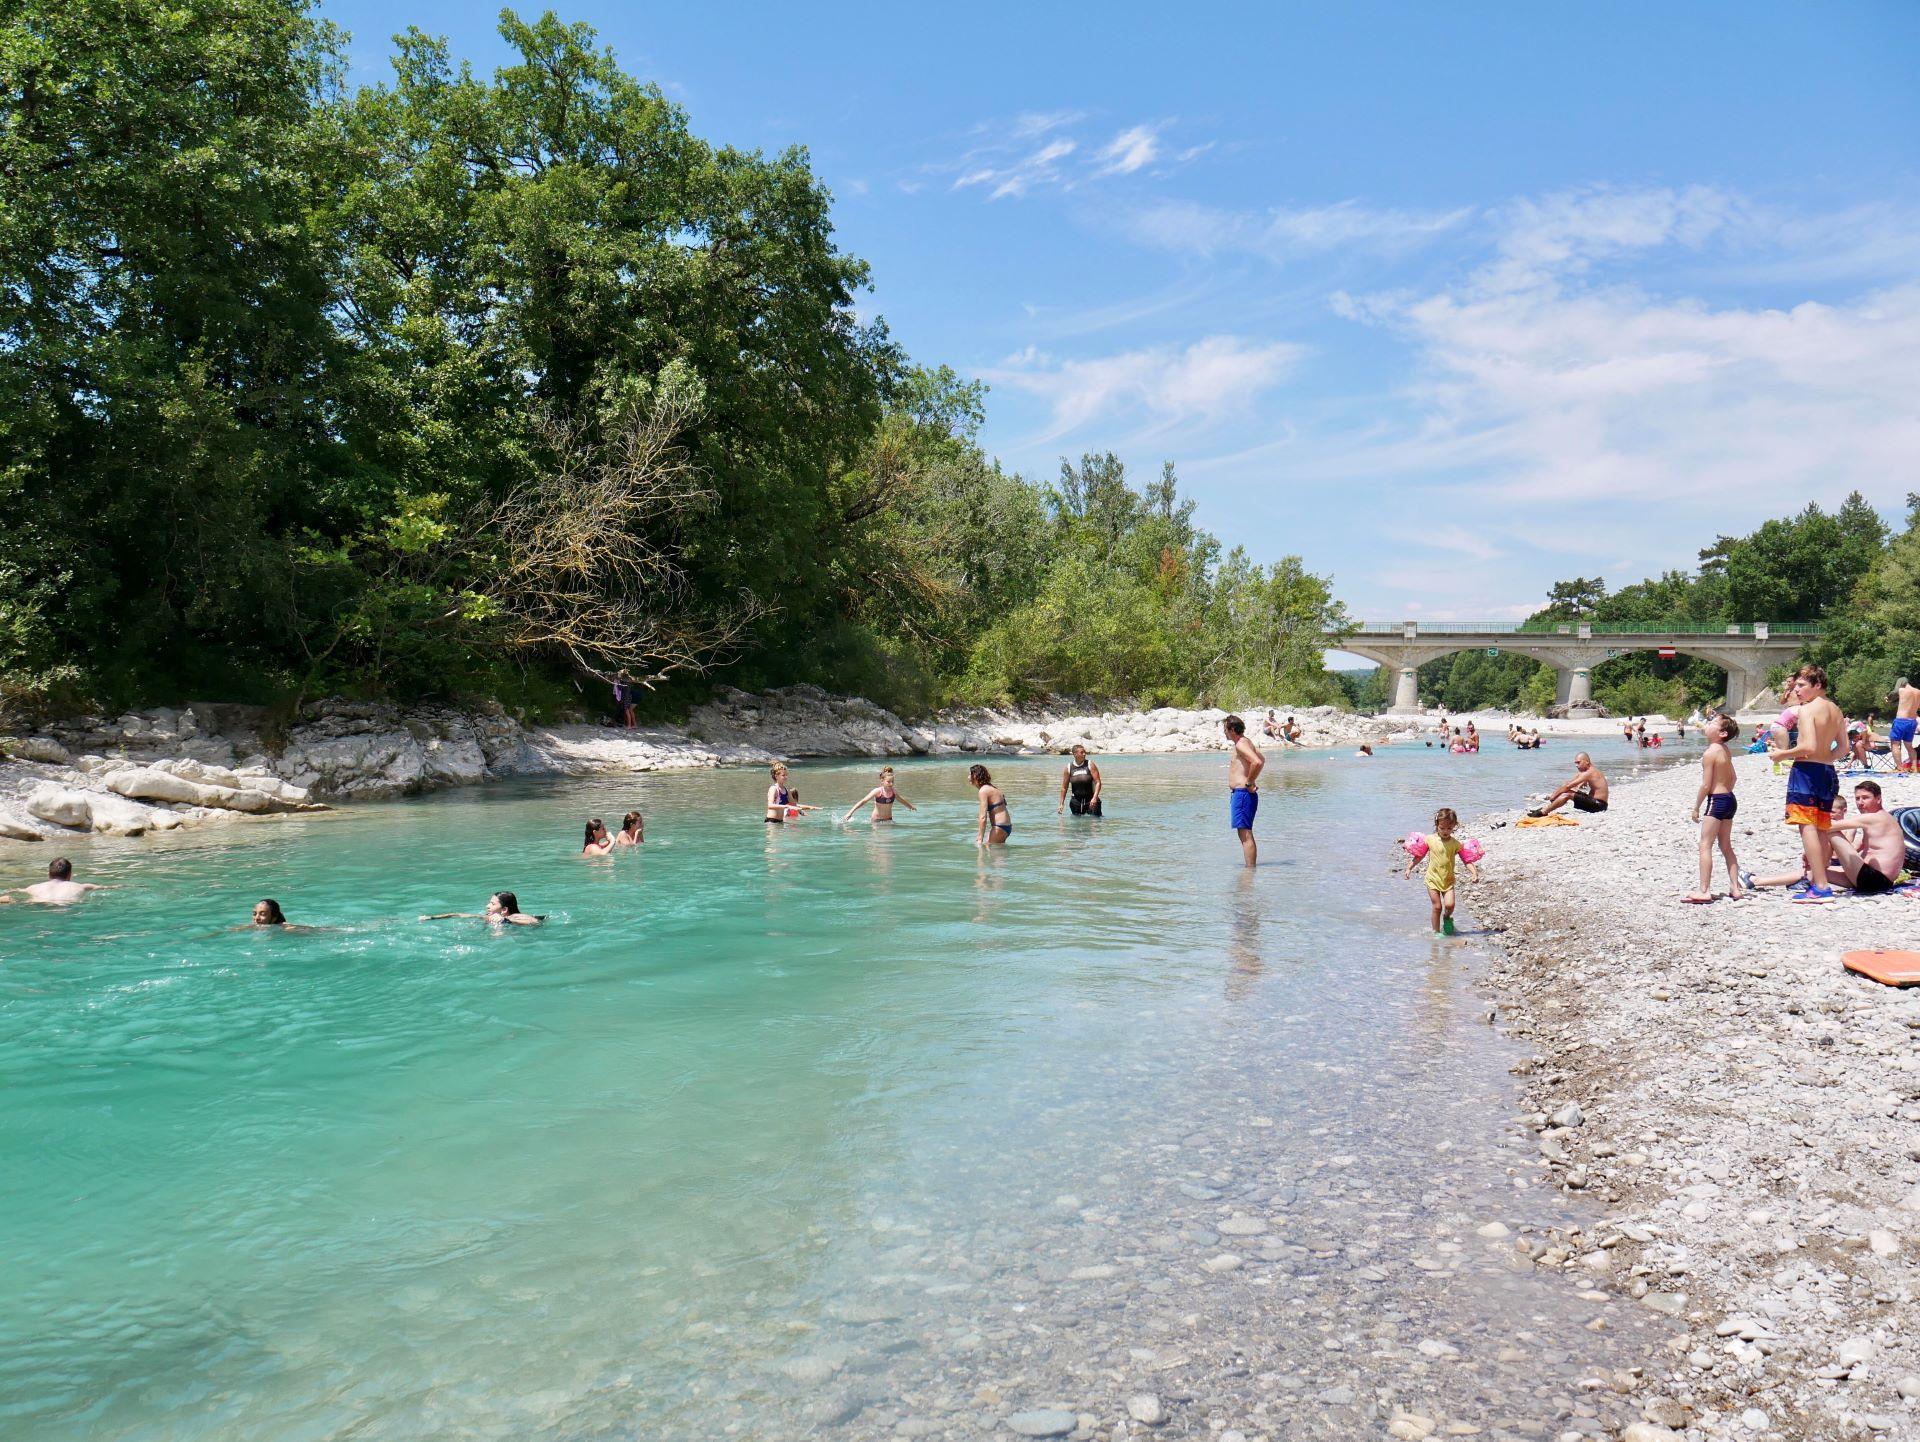 Baignade dans la Drôme à Mirabel-et-Blacons